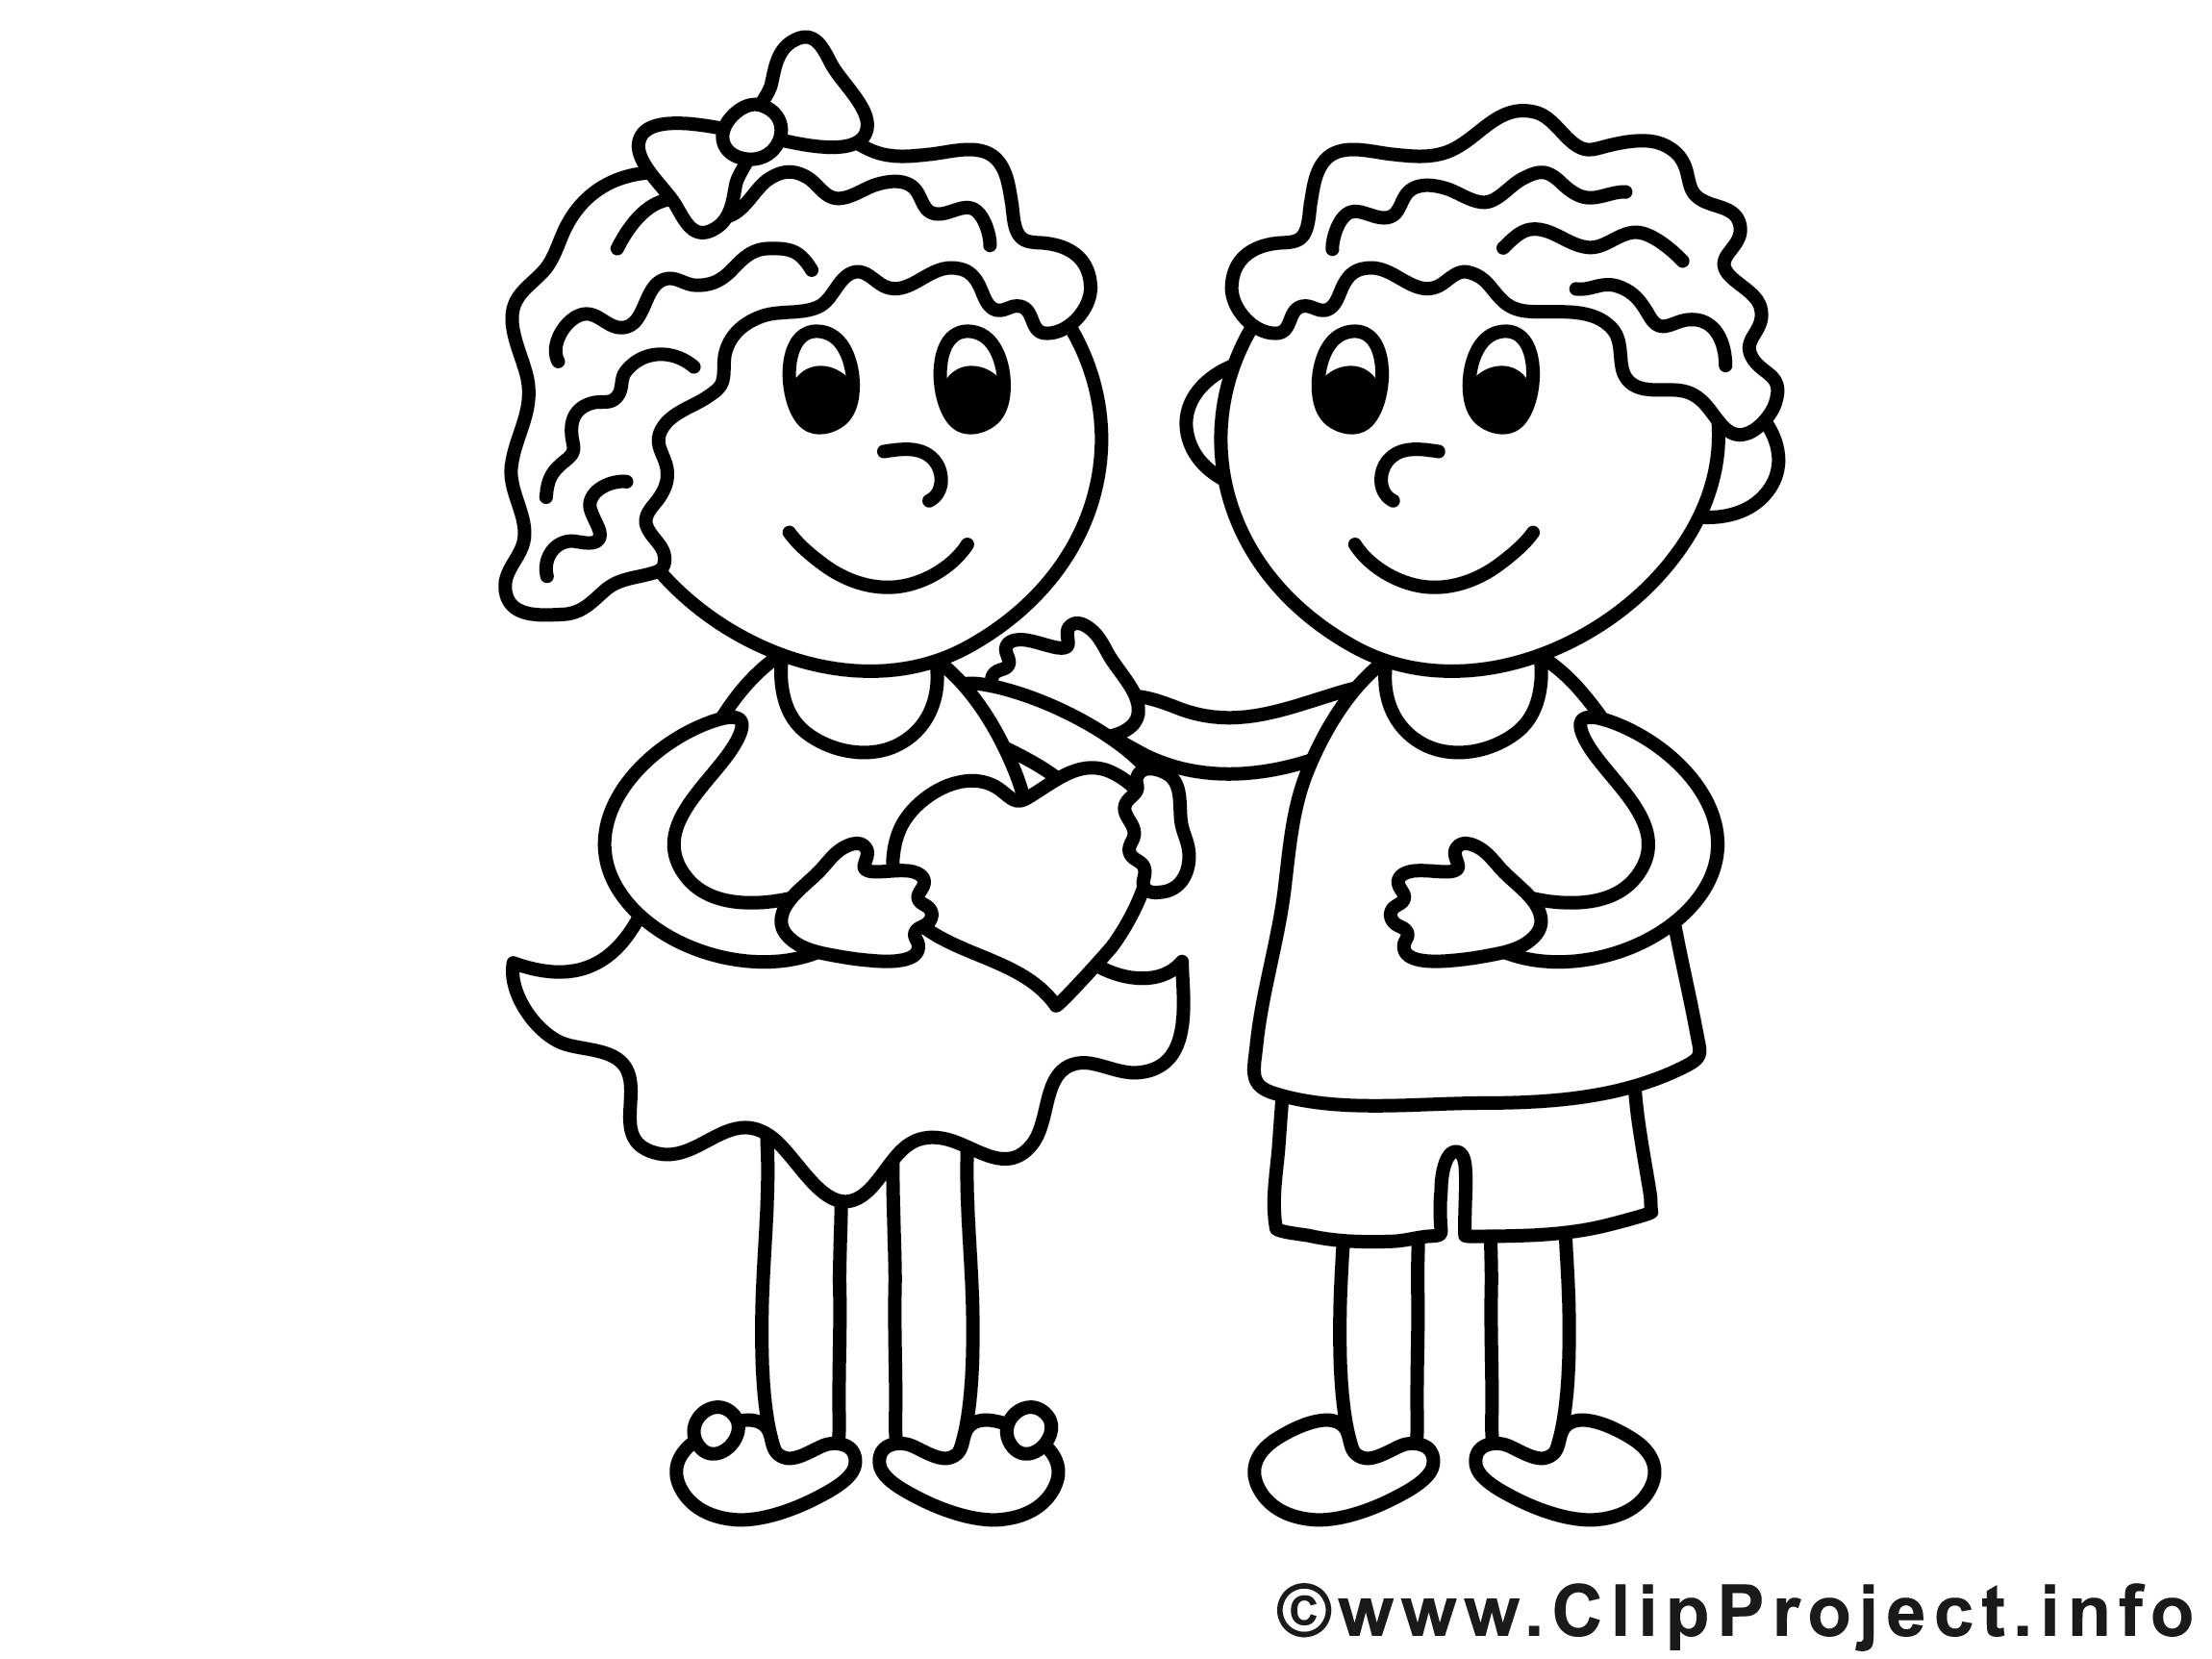 Ausmalbilder Mädchen  Mädchen und Junge Valentinstag Ausmalbilder für Kinder